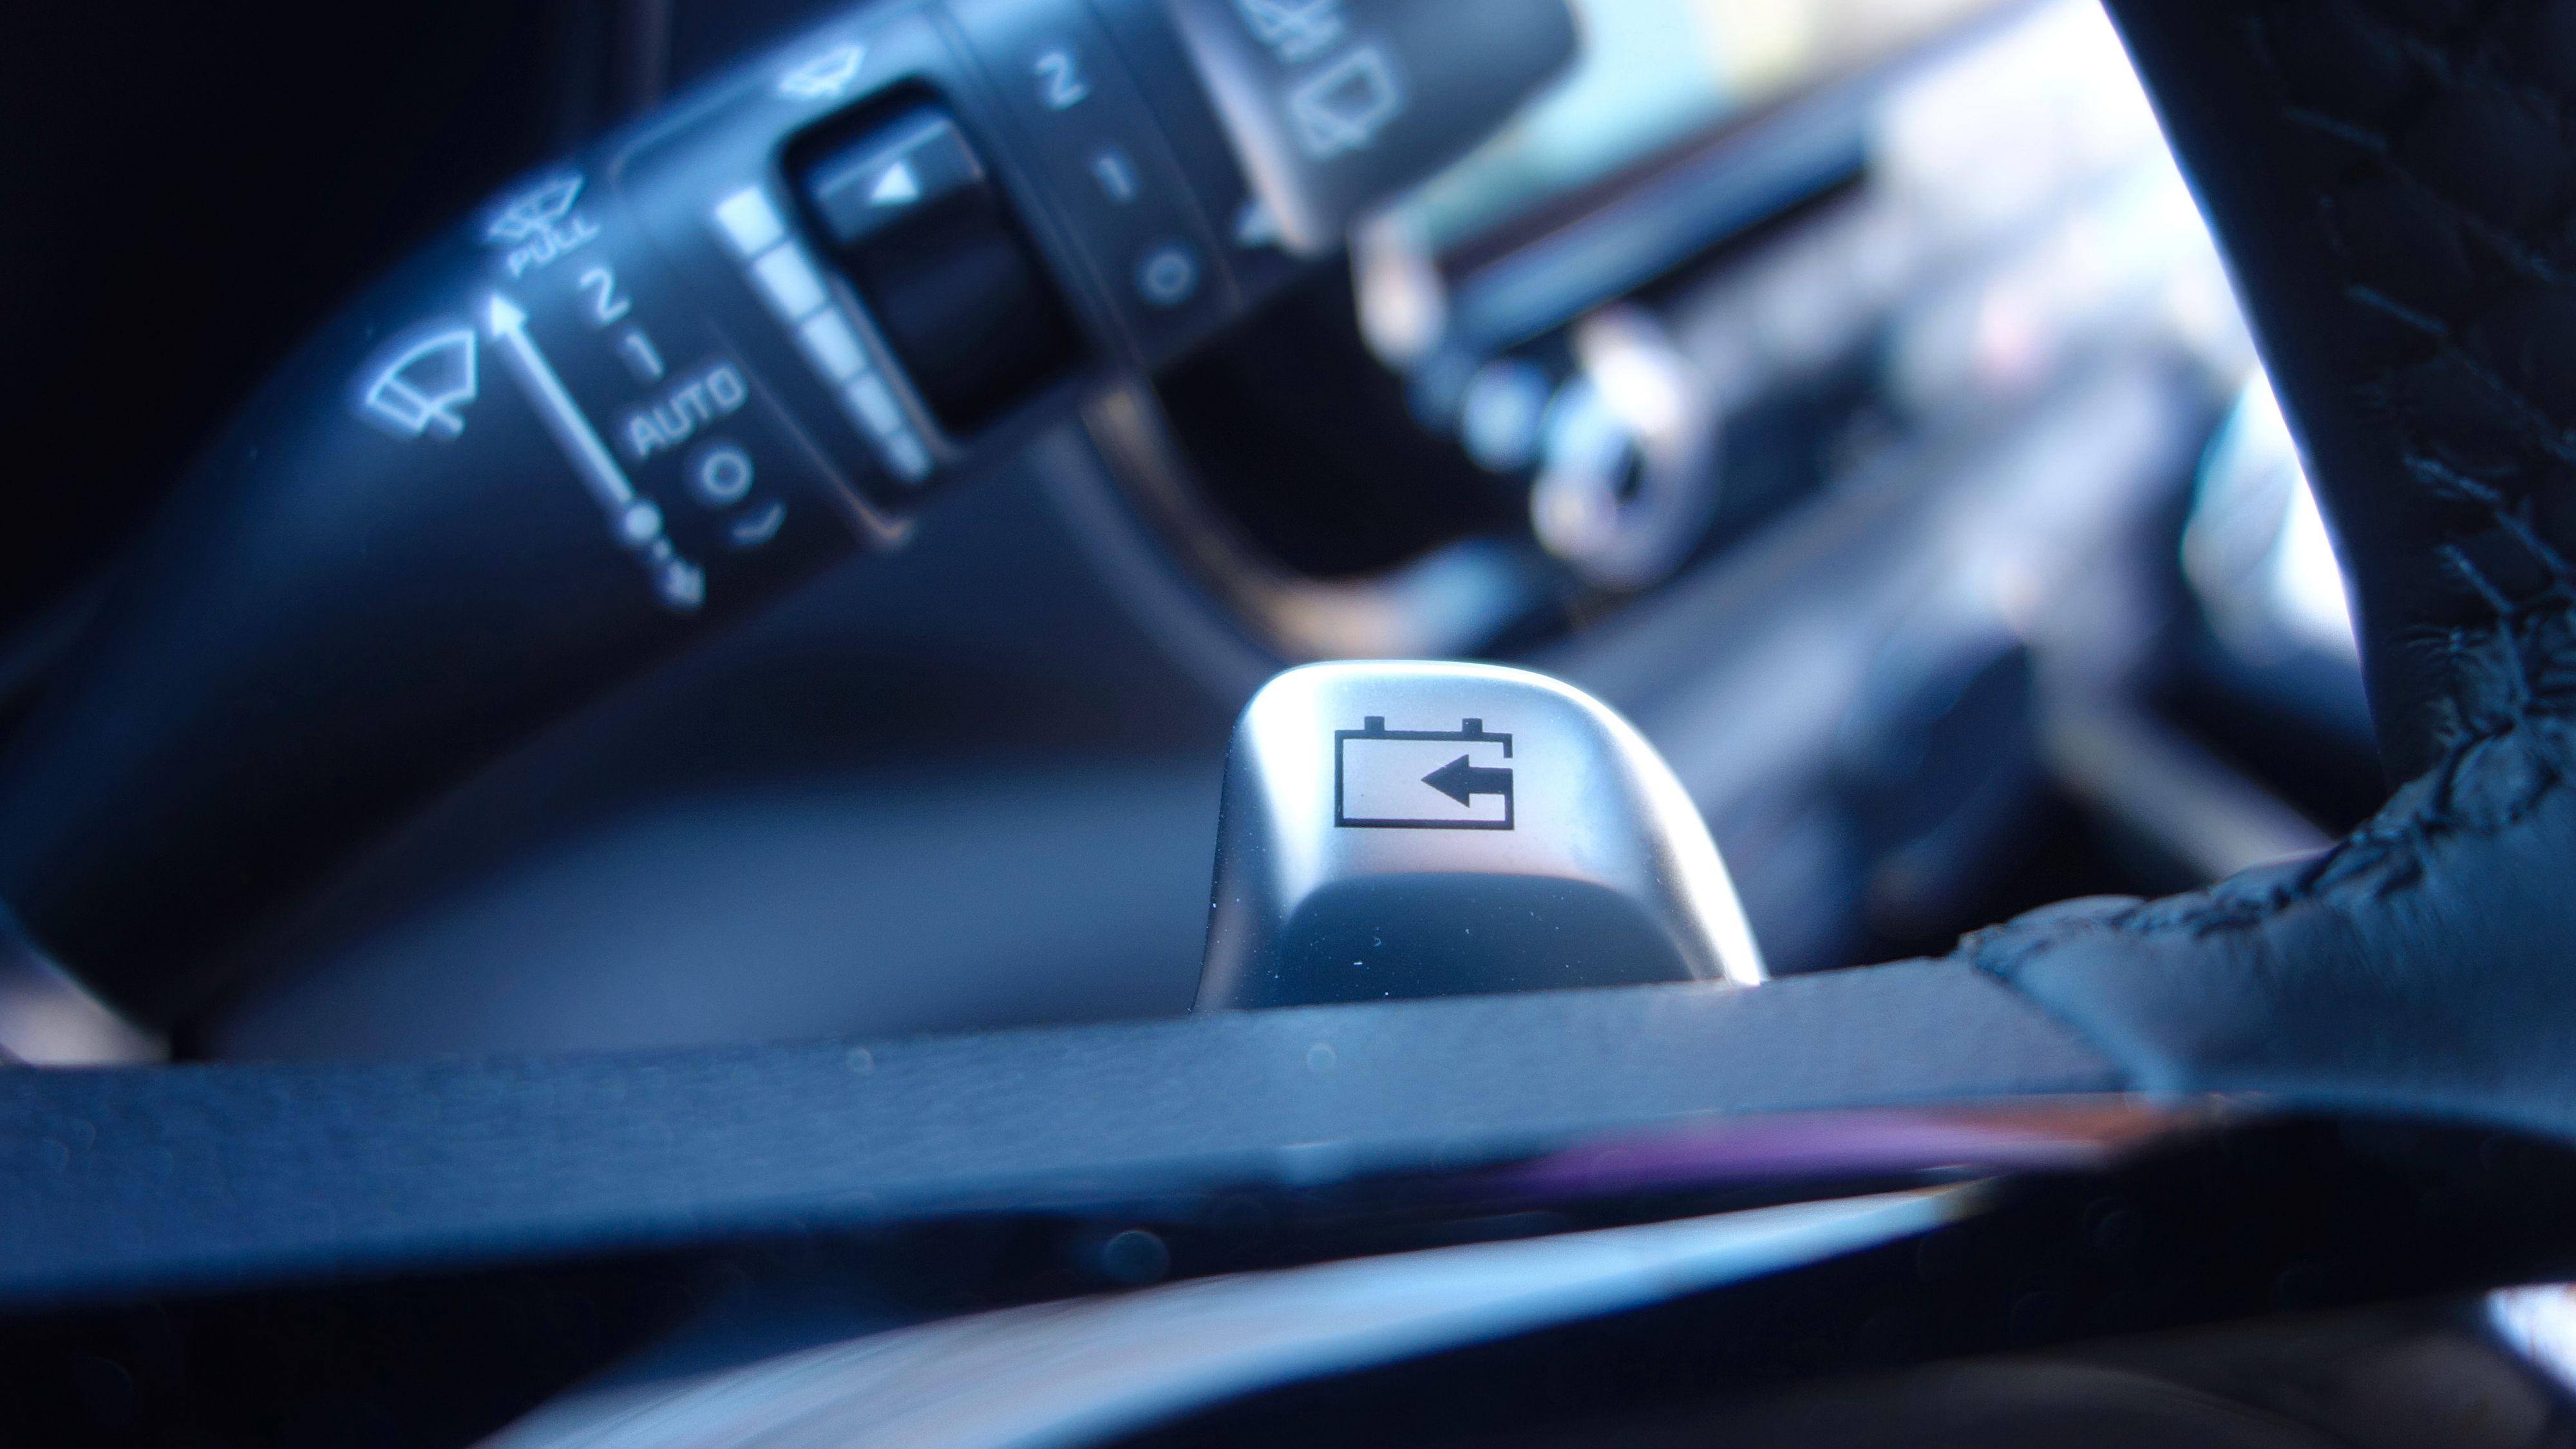 Disse hendlene på rattet regulerer mengden regenerering.